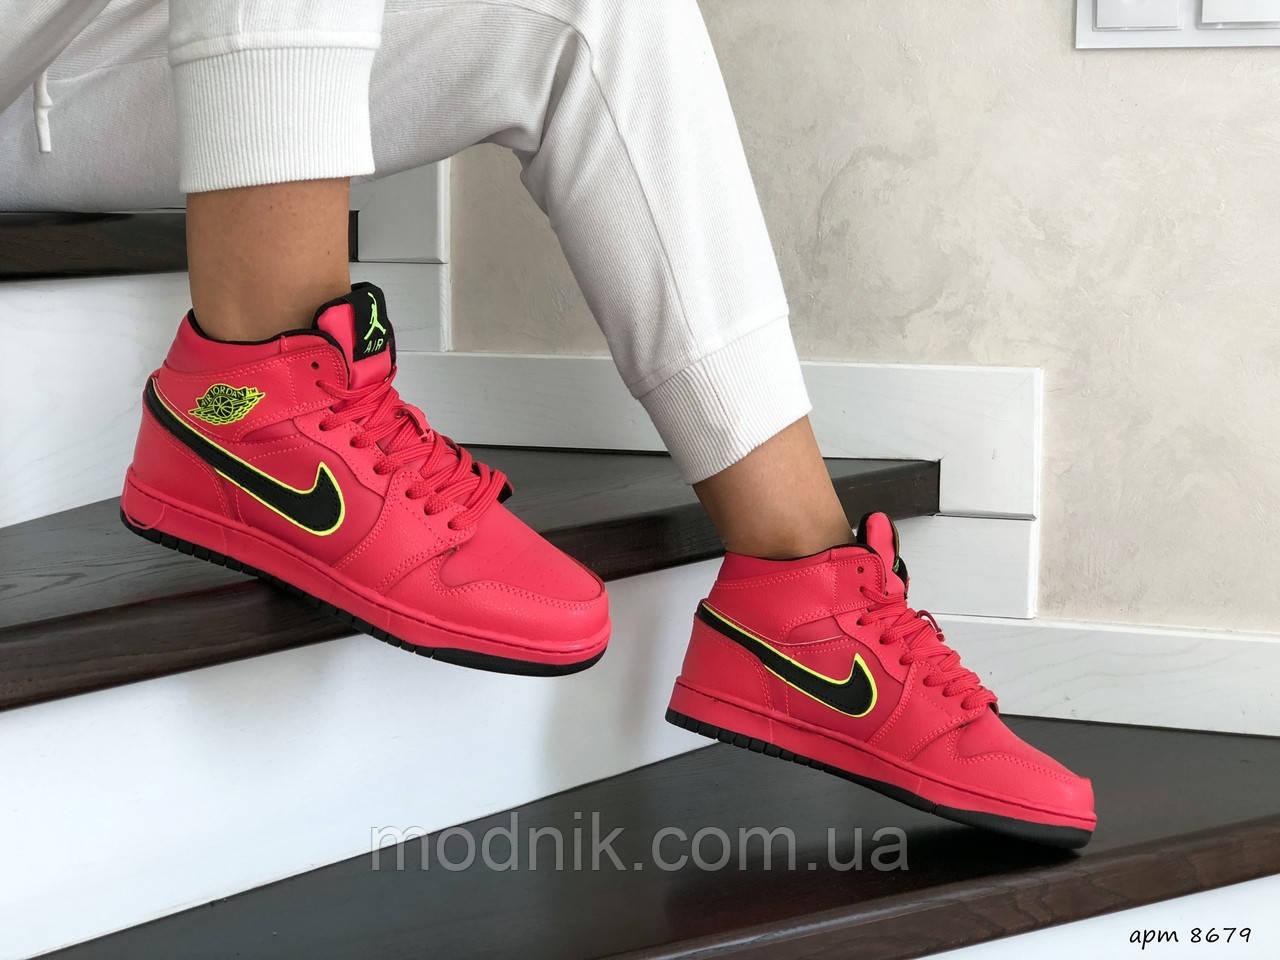 Женские зимние кроссовки Nike Air Jordan 1 Retro (коралловые)